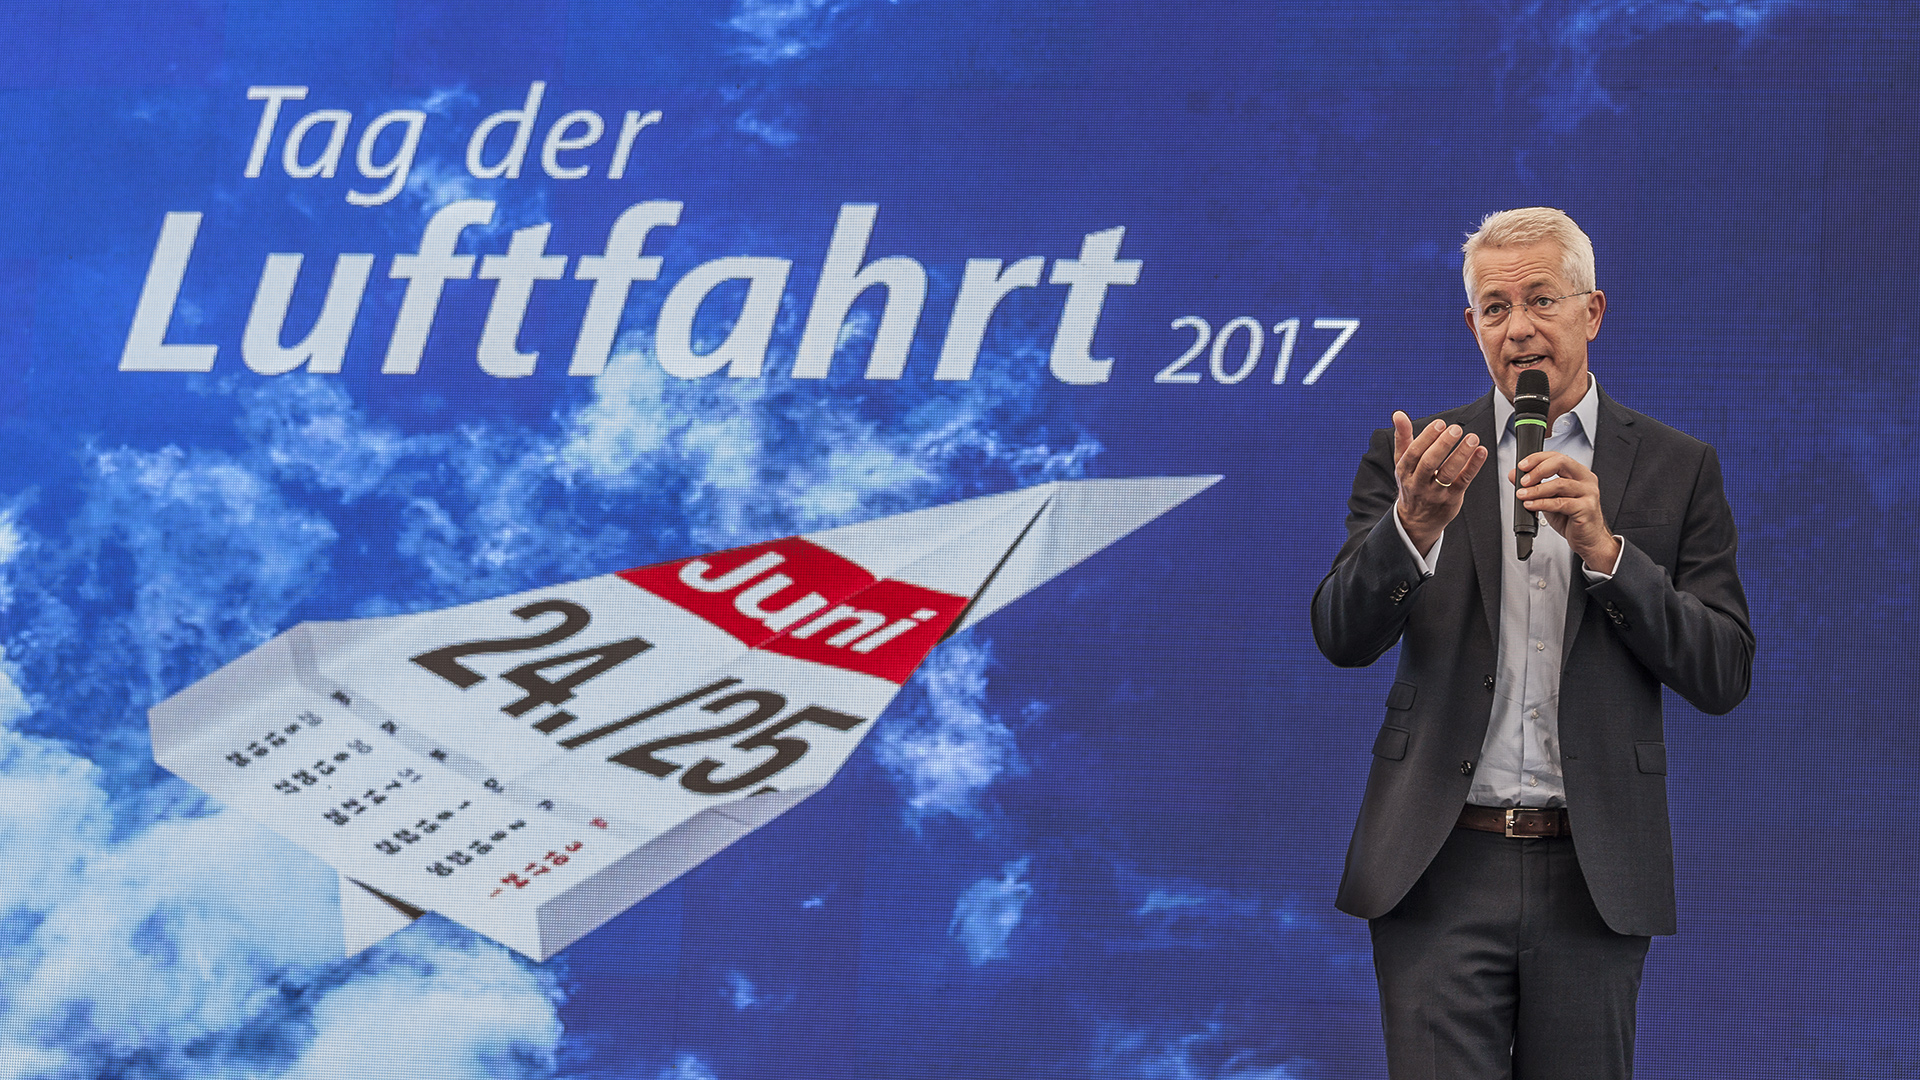 TAG DER LUFTFAHRT 2017